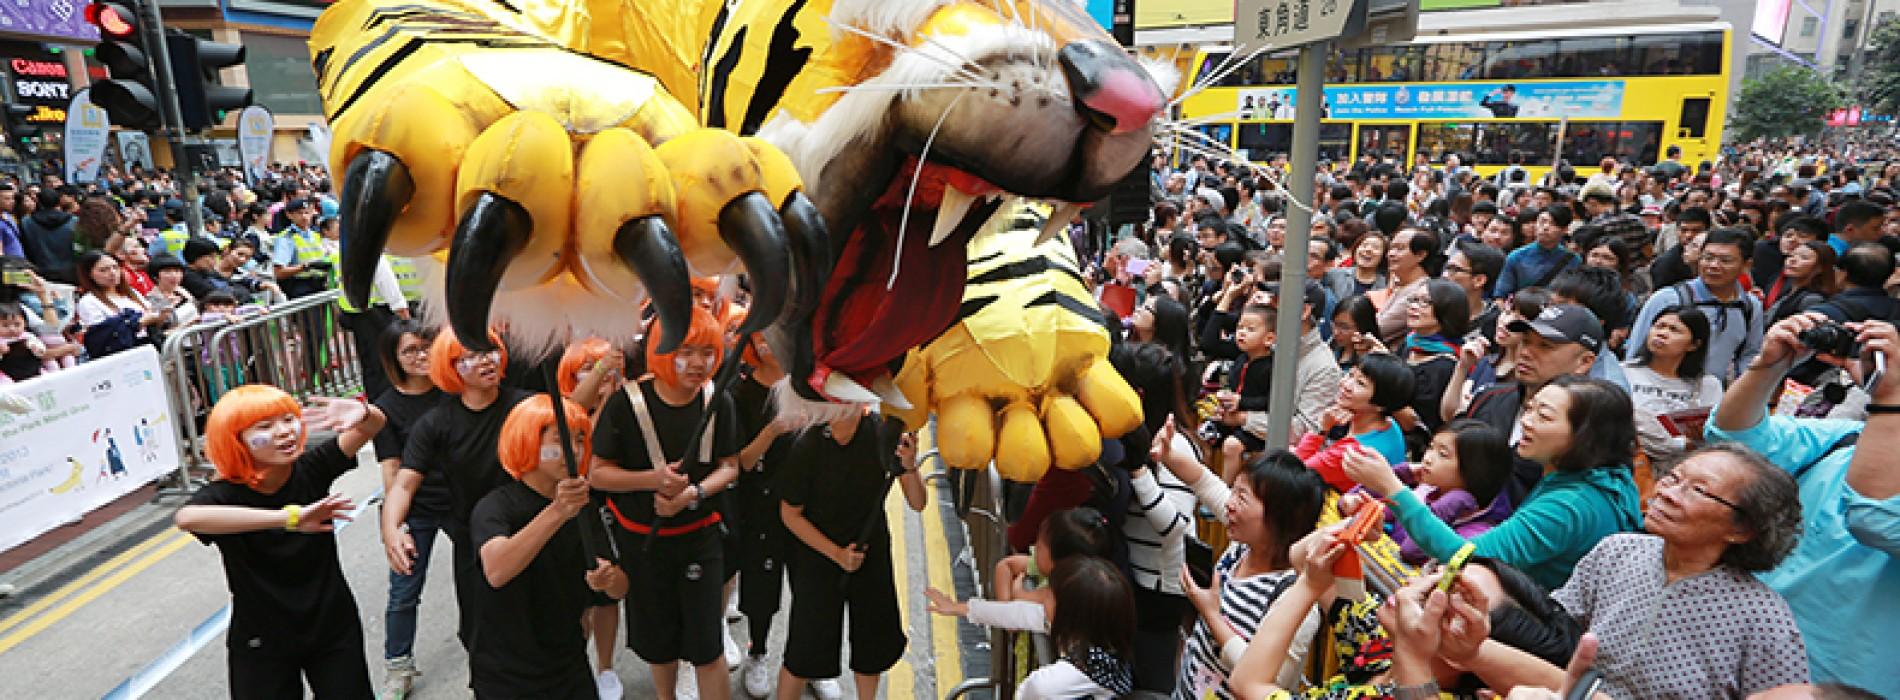 第15屆渣打藝趣嘉年華.巨型木偶X夜光巡遊 [14-15/11]